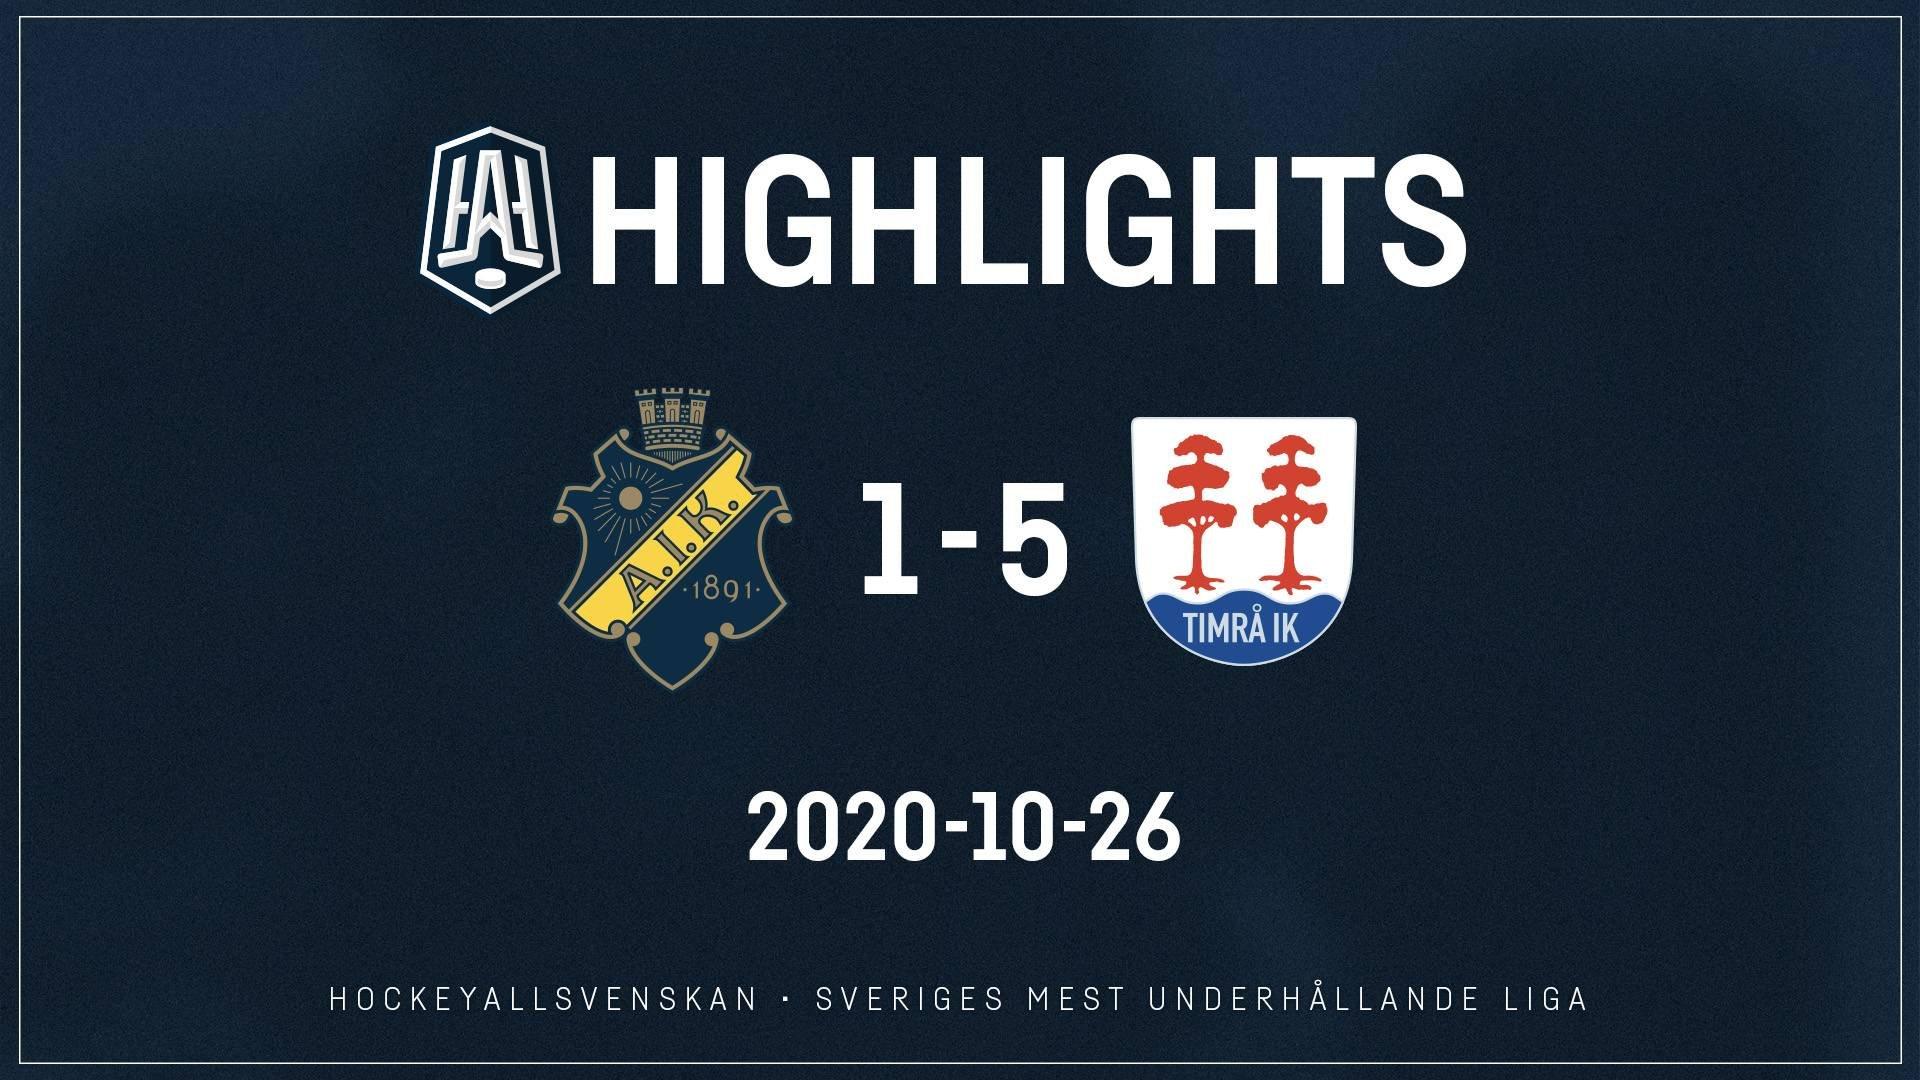 2020-10-26 AIK - Timrå 1-5